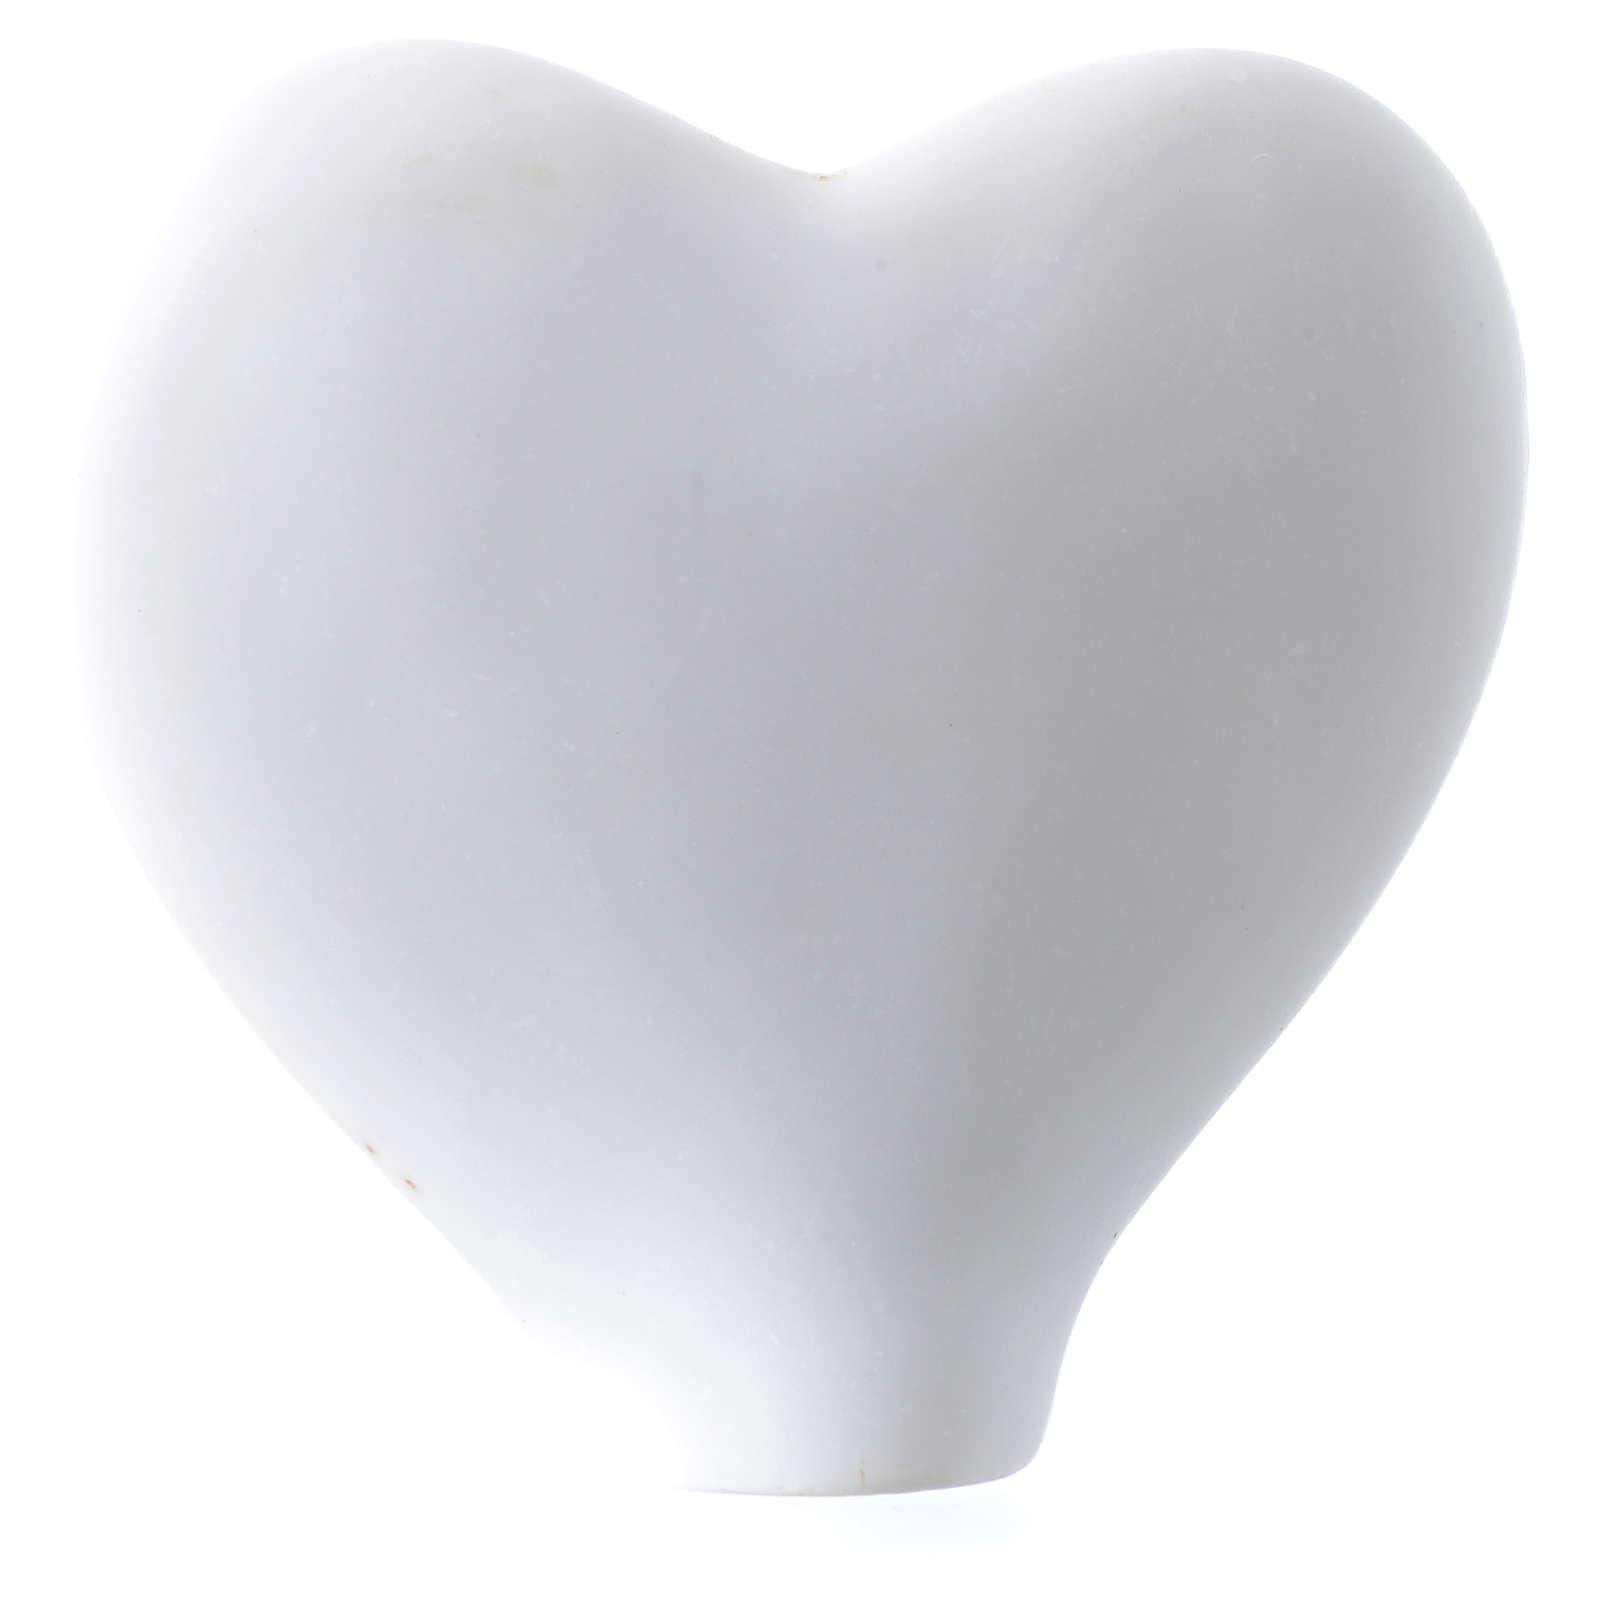 Bonbonnière Communion Coeur Calice 6x6 cm 3